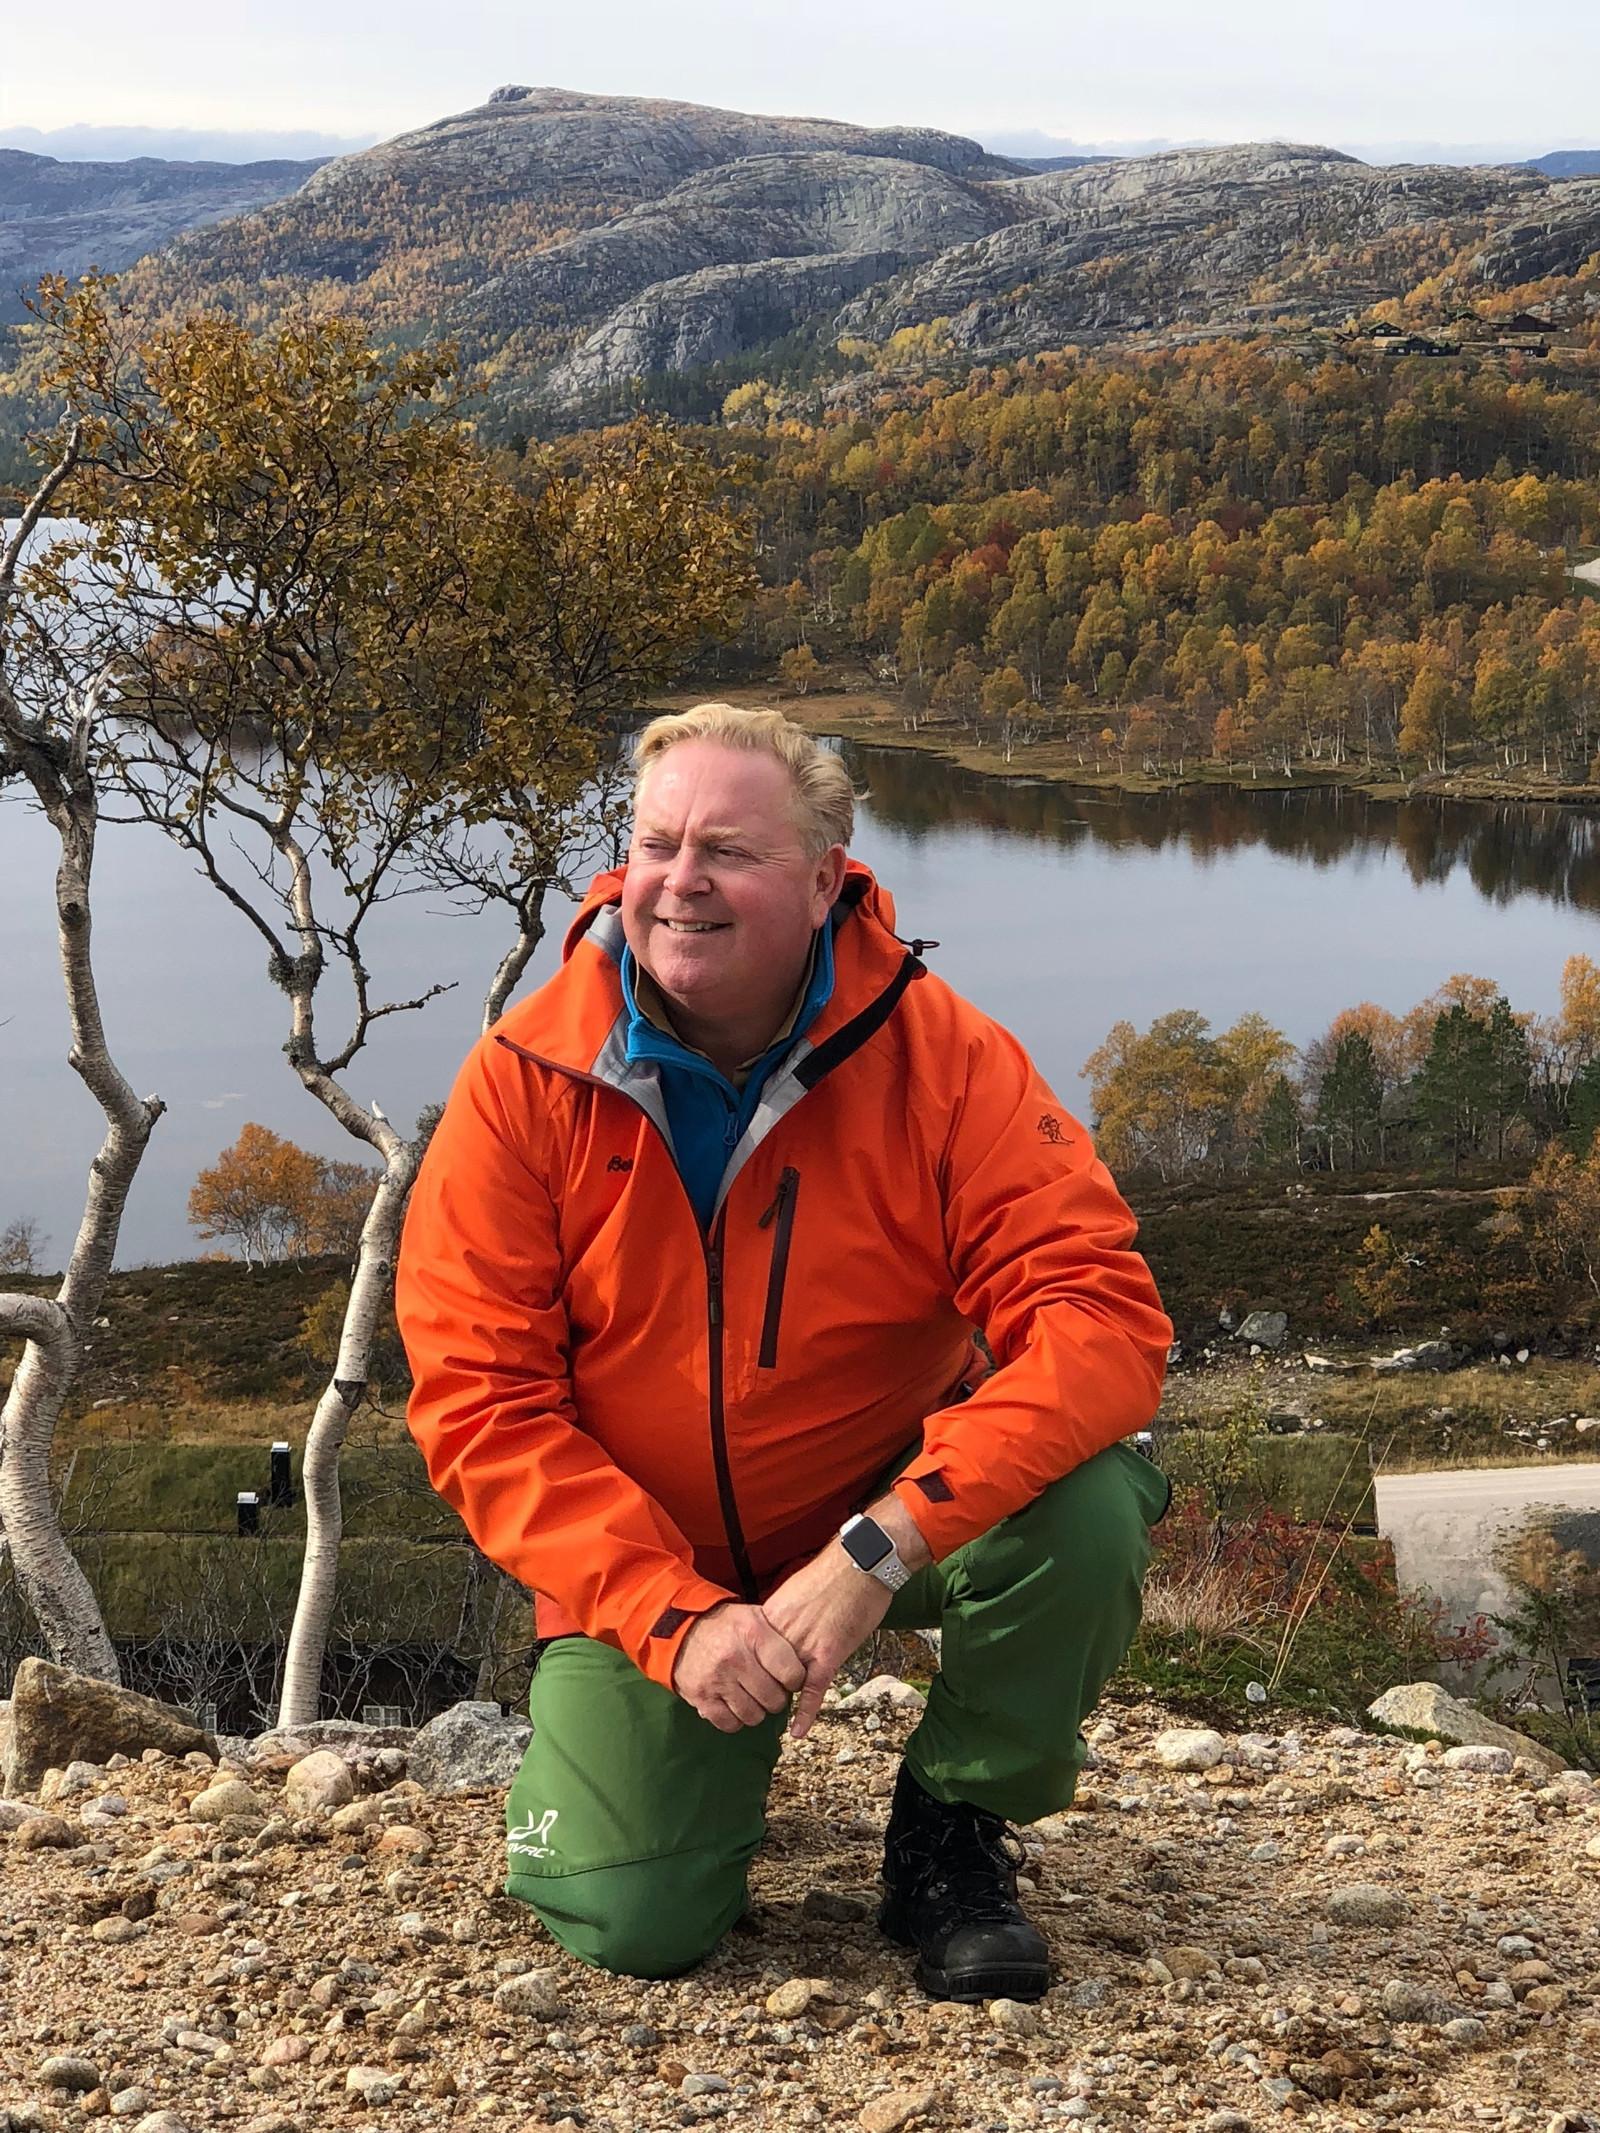 Kontakt vår selger de siste 15 årene på Knaben, Svein Tore.  Ta kontakt for mer informasjon om disse unike tomtene. Han har telefon nr. 478 90009.